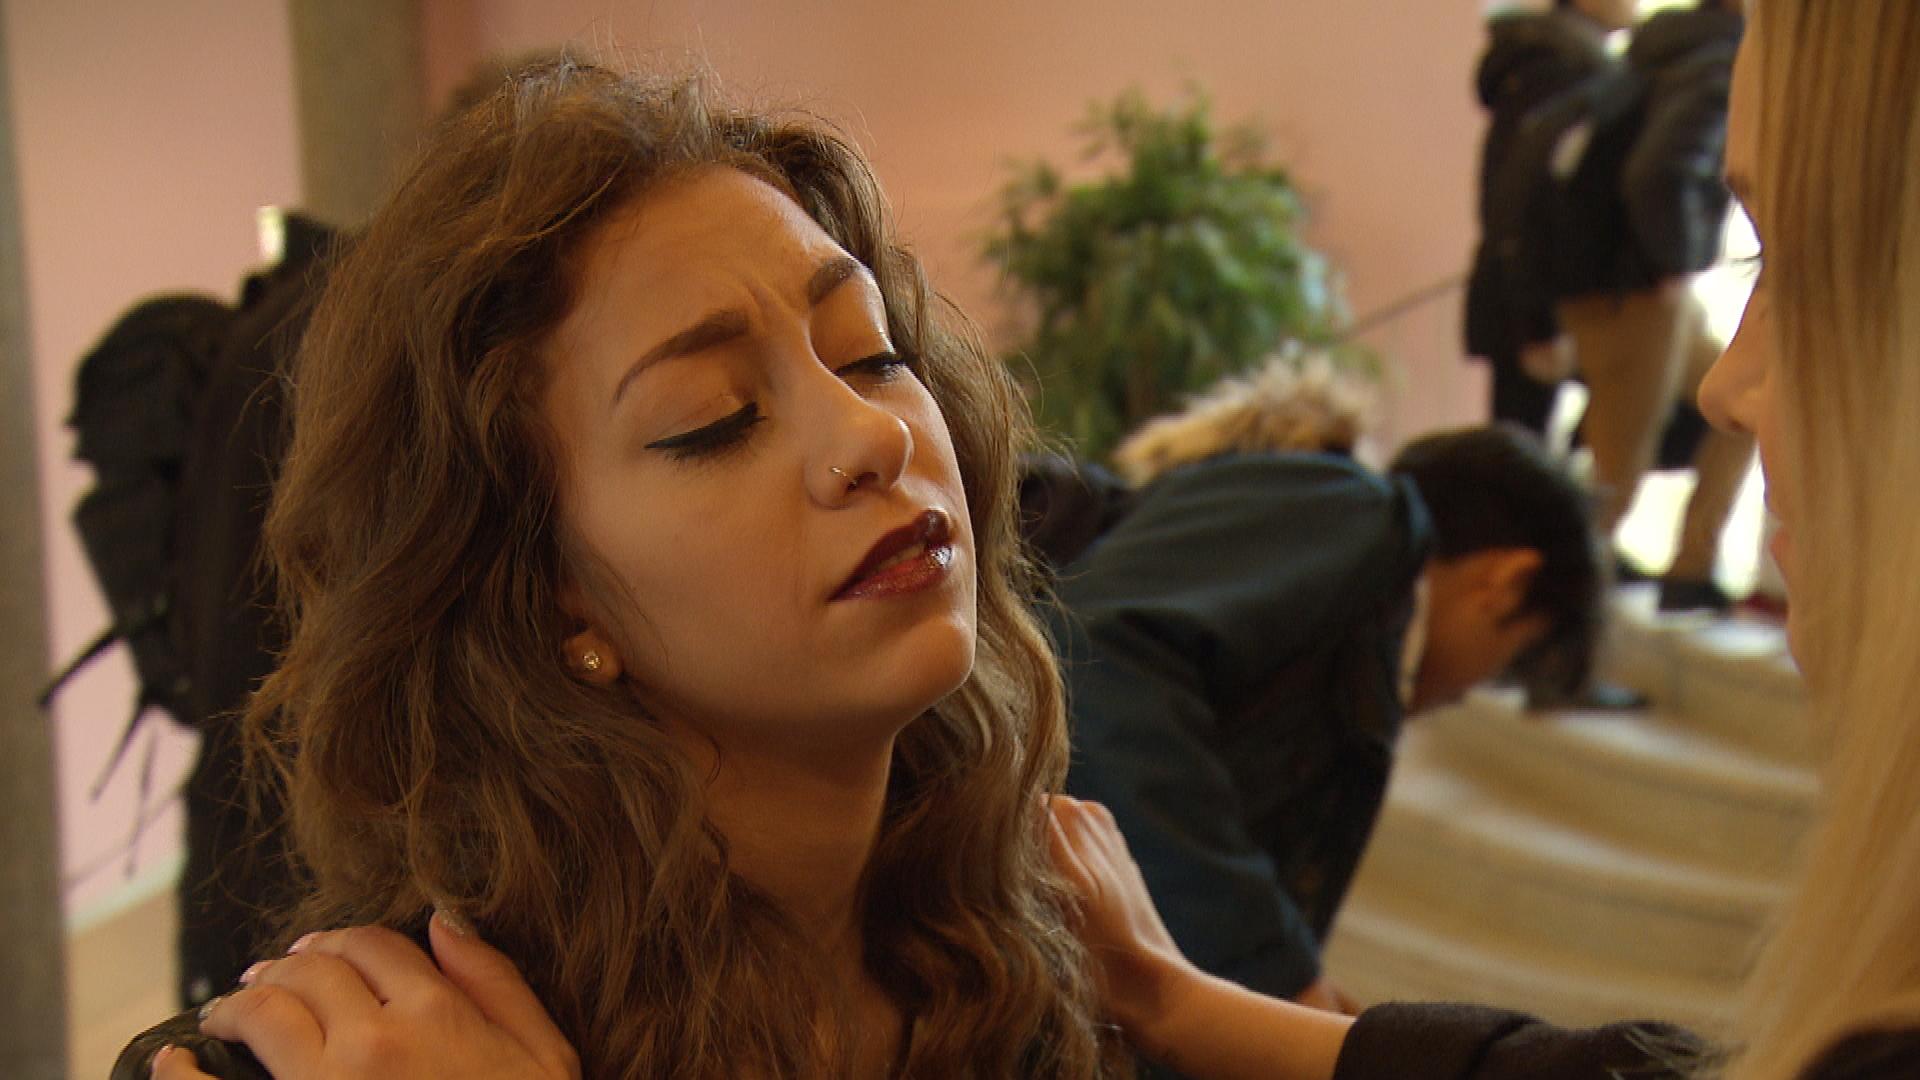 Elli ist zutiefst betrübt, dass Chico offenbar eine Freundin hat, und will den Tanzkurs abblasen. (Quelle: RTL 2)